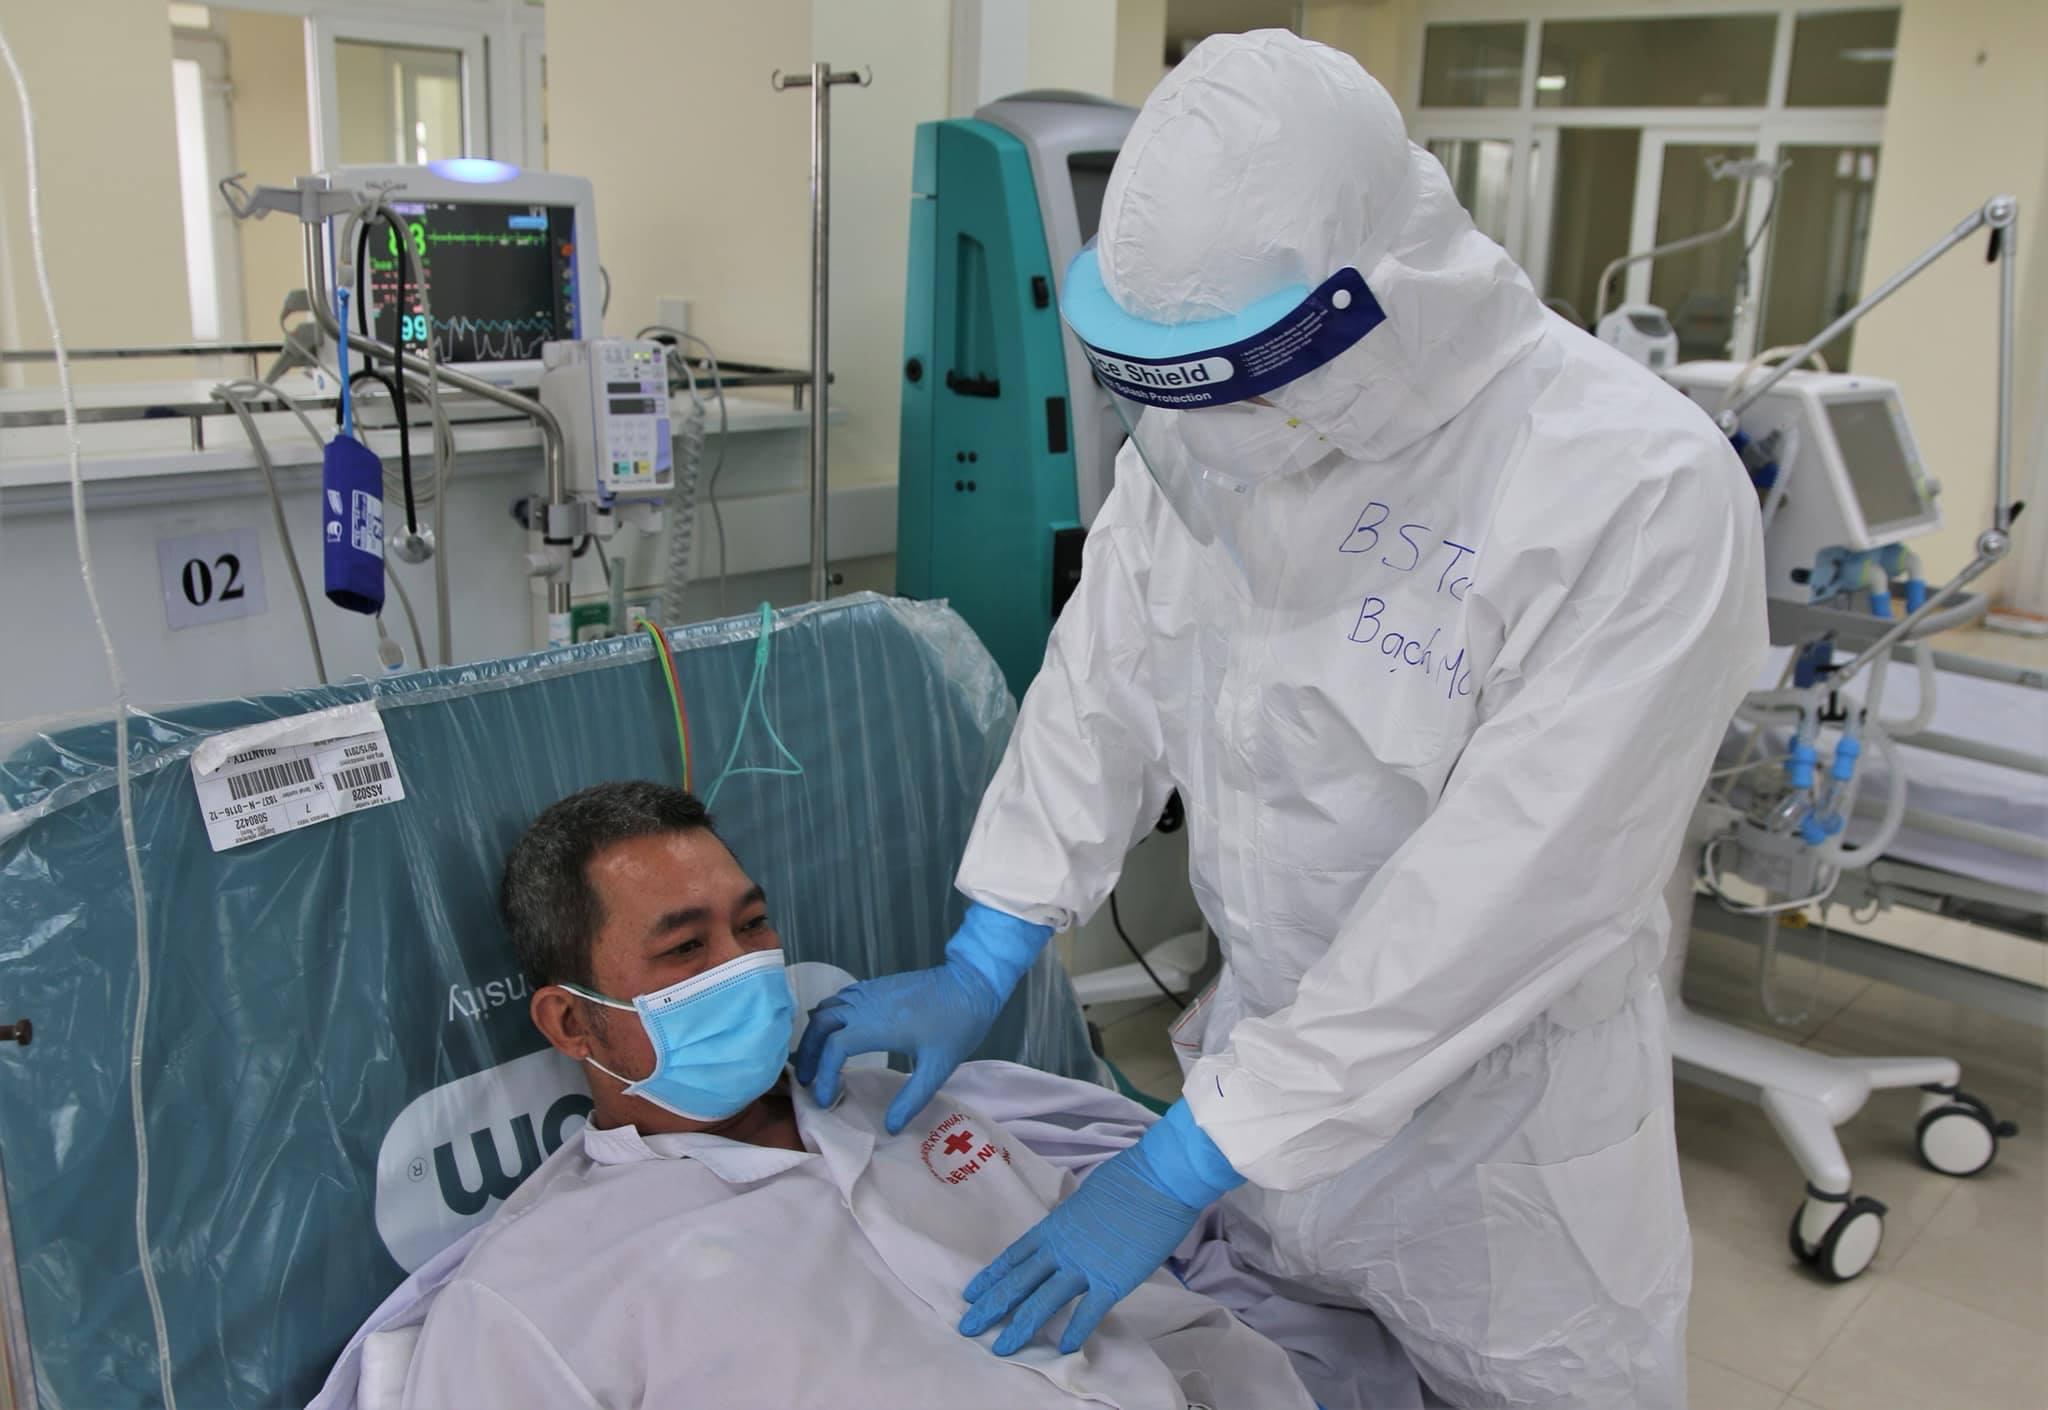 Một bệnh nhân ở Hải Dương đang được bác sĩ thăm khám. Ảnh: Bộ Y tế.